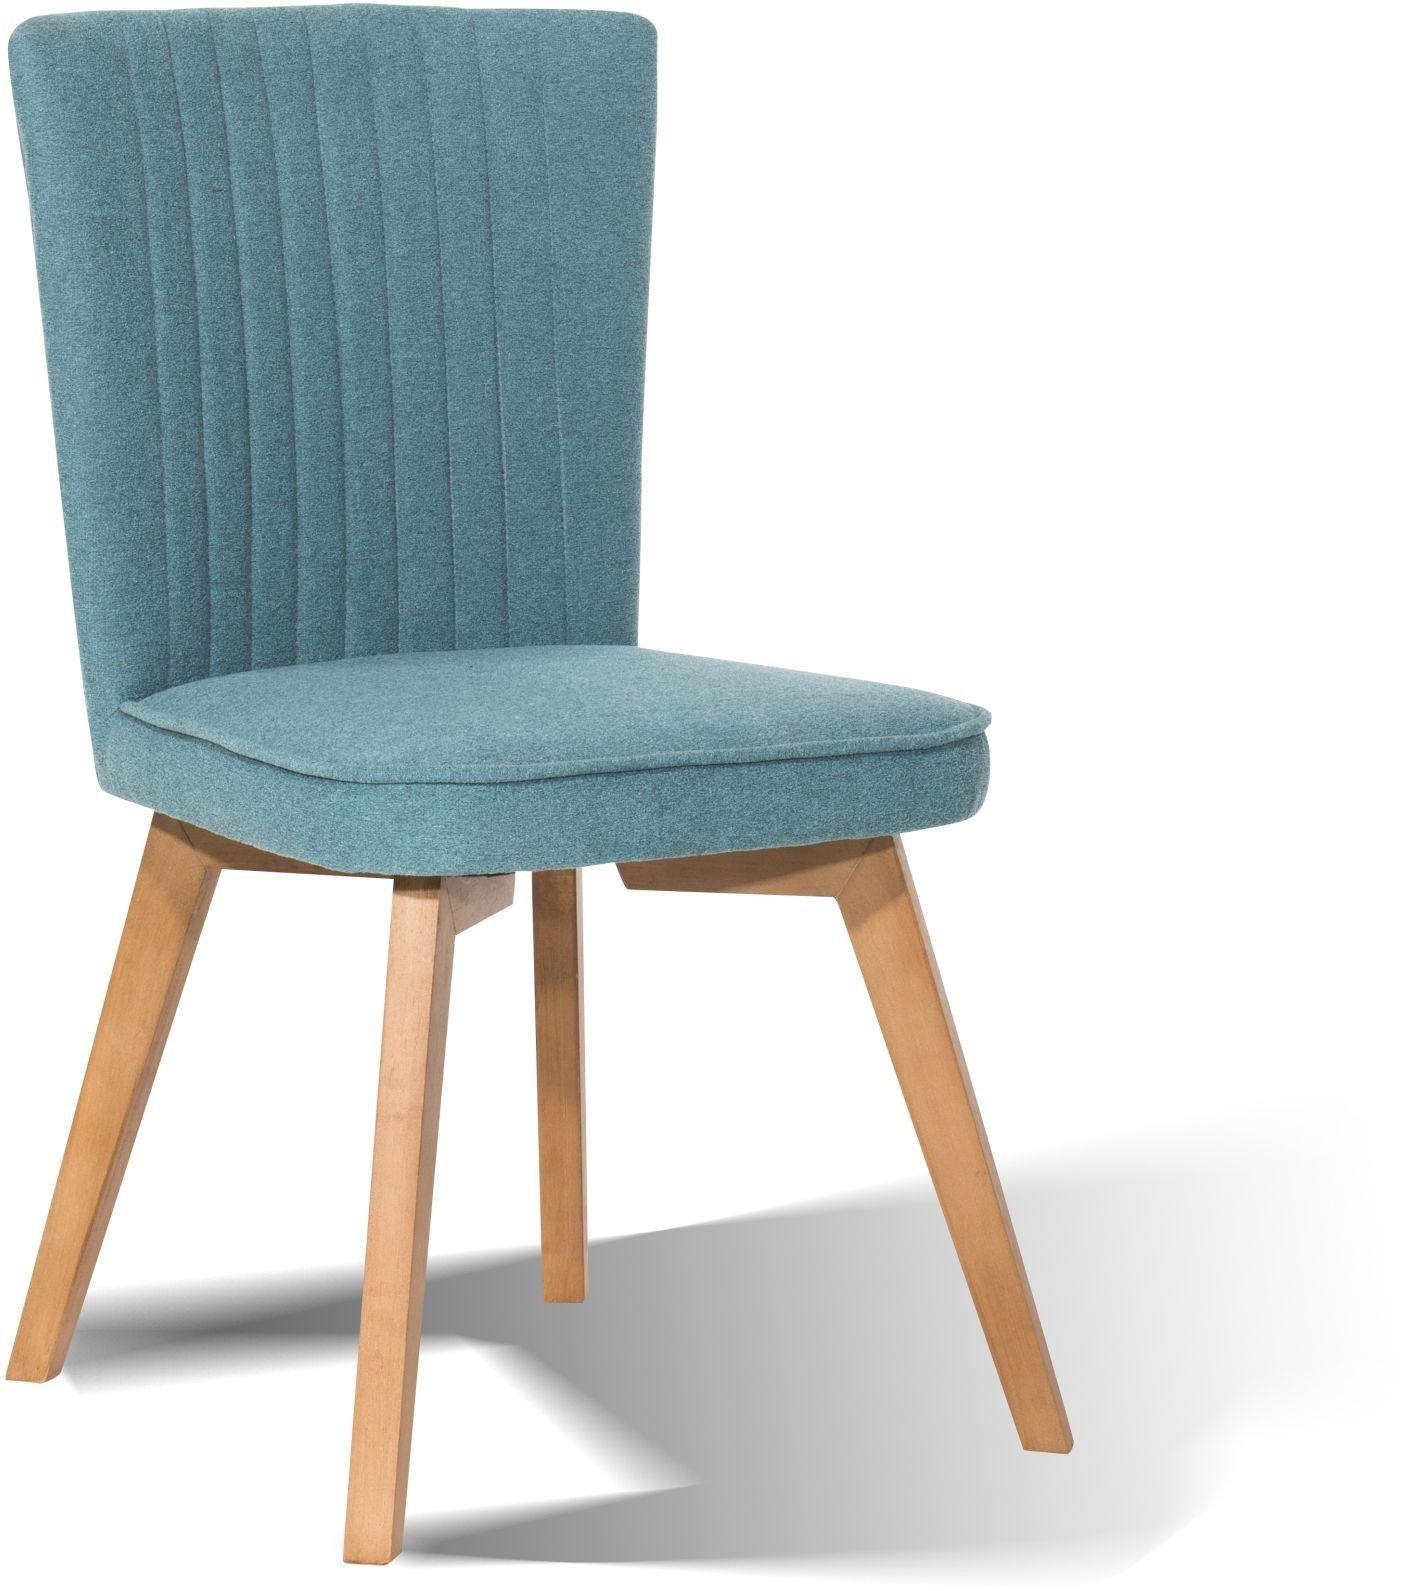 Stuhl Sit Chairs Petrol Beine Hevea Mittelbraun Optiwohnwelt  # Muebles Rattan Hevea